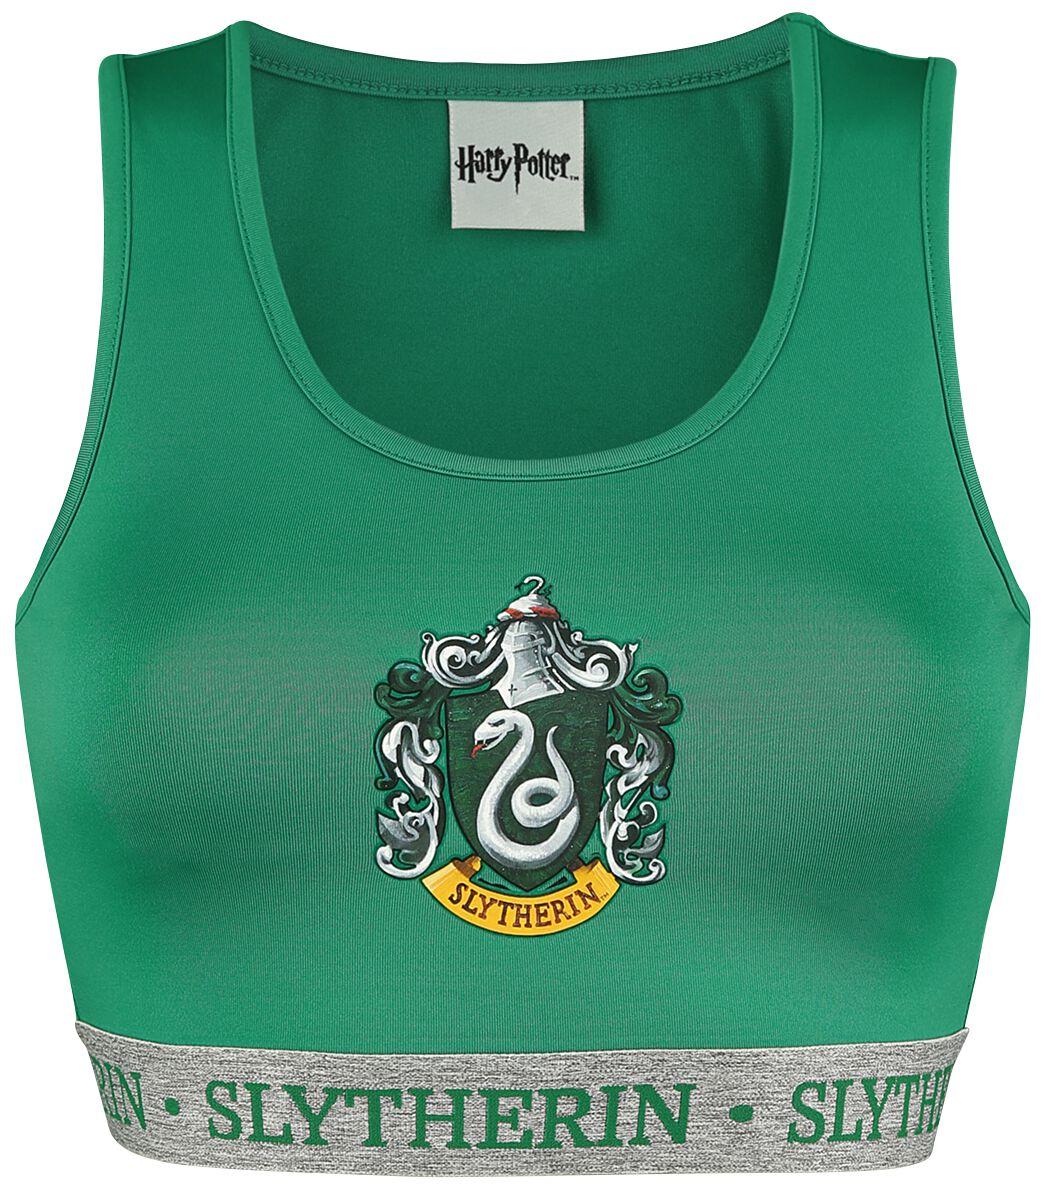 Merch dla Fanów - Bielizna - Bielizna Harry Potter Slytherin Bielizna zielony/szary melanż - 371226